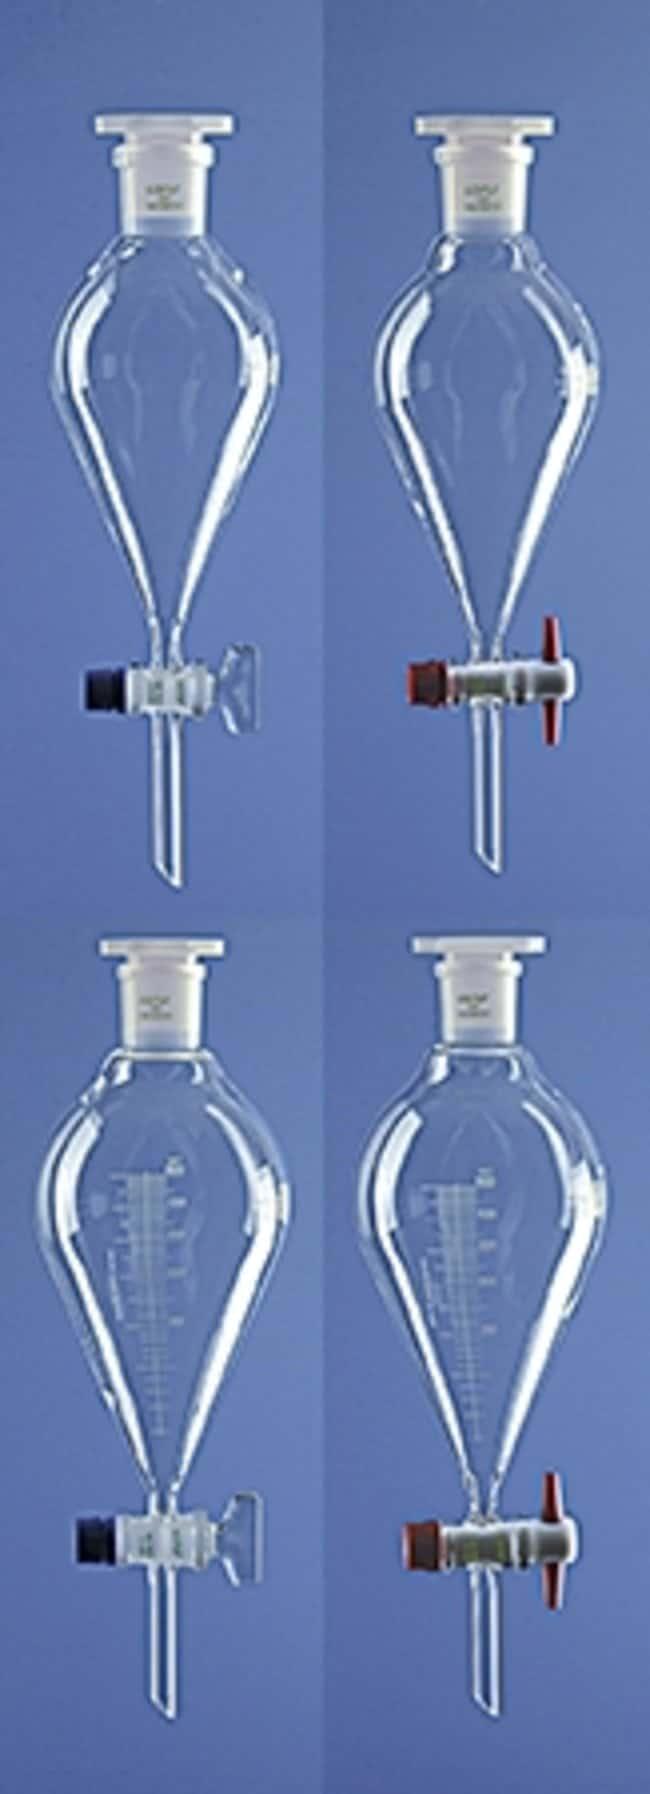 Lenz Laborglasinstrumente™Konische Scheidetrichter aus Borosilikatglas mit Vollglasstopfen, Skala: Funnels and Filtration Becher, Flaschen, Zylinder und Glasartikel